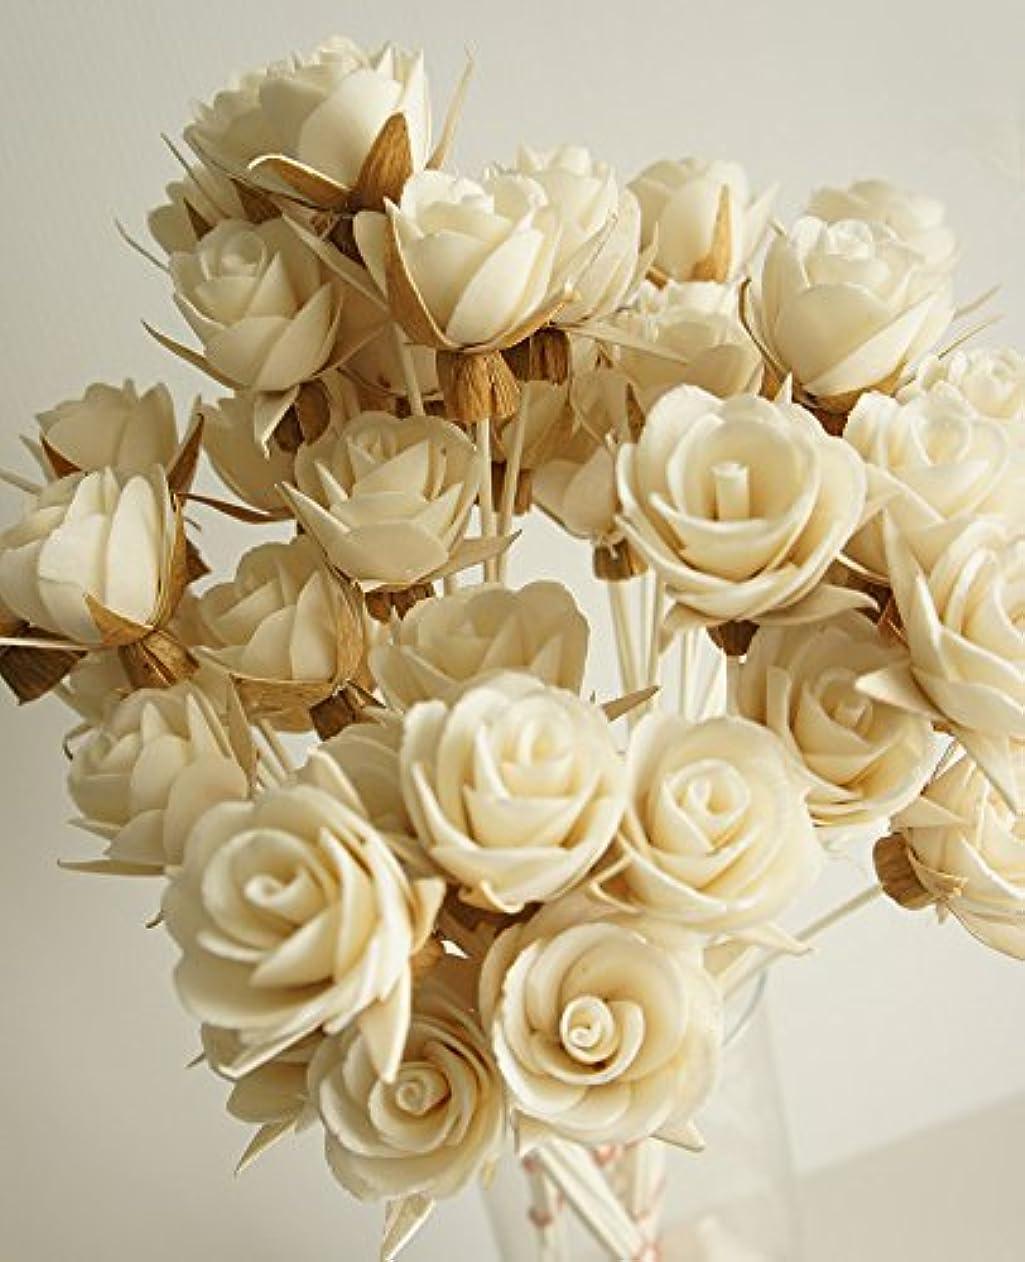 キャッシュカウンタ敬の念エキゾチックエレガンスのセット50ローズデザインSola Flowerスティックfor Aroma Diffuser直径1.5。」